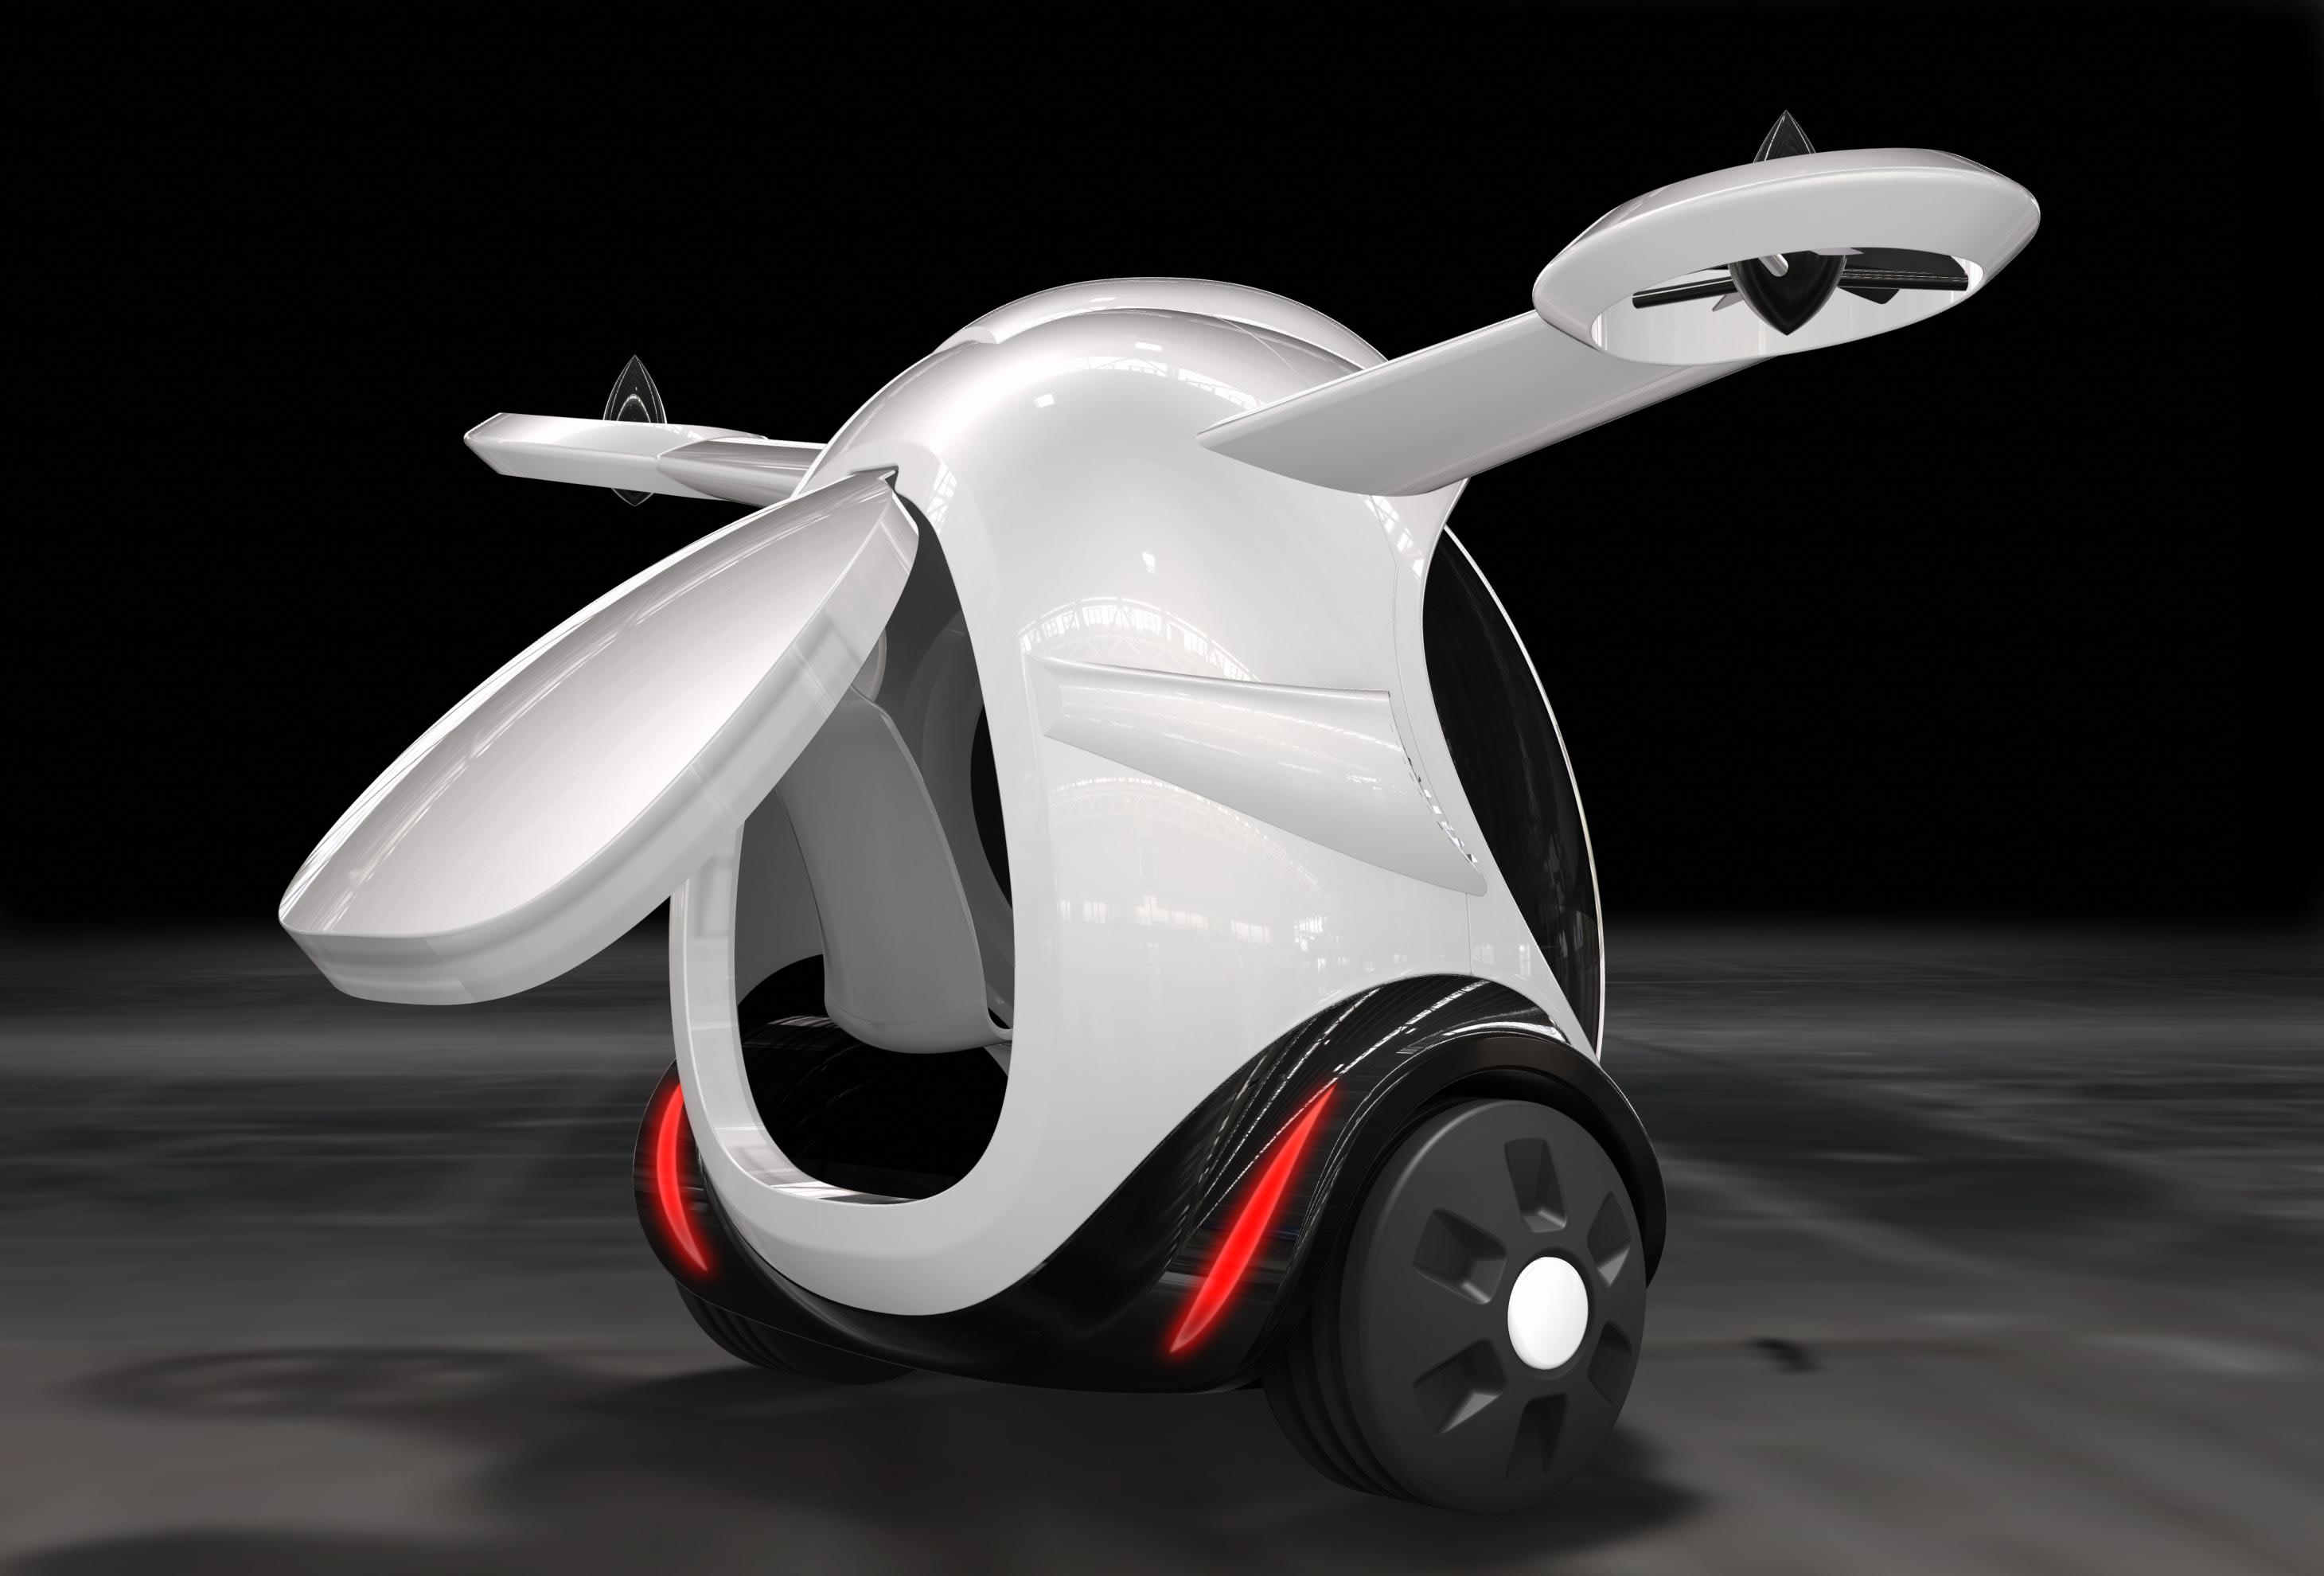 机器人设计/***/智能设备/外观设计/工业设计/结构设计